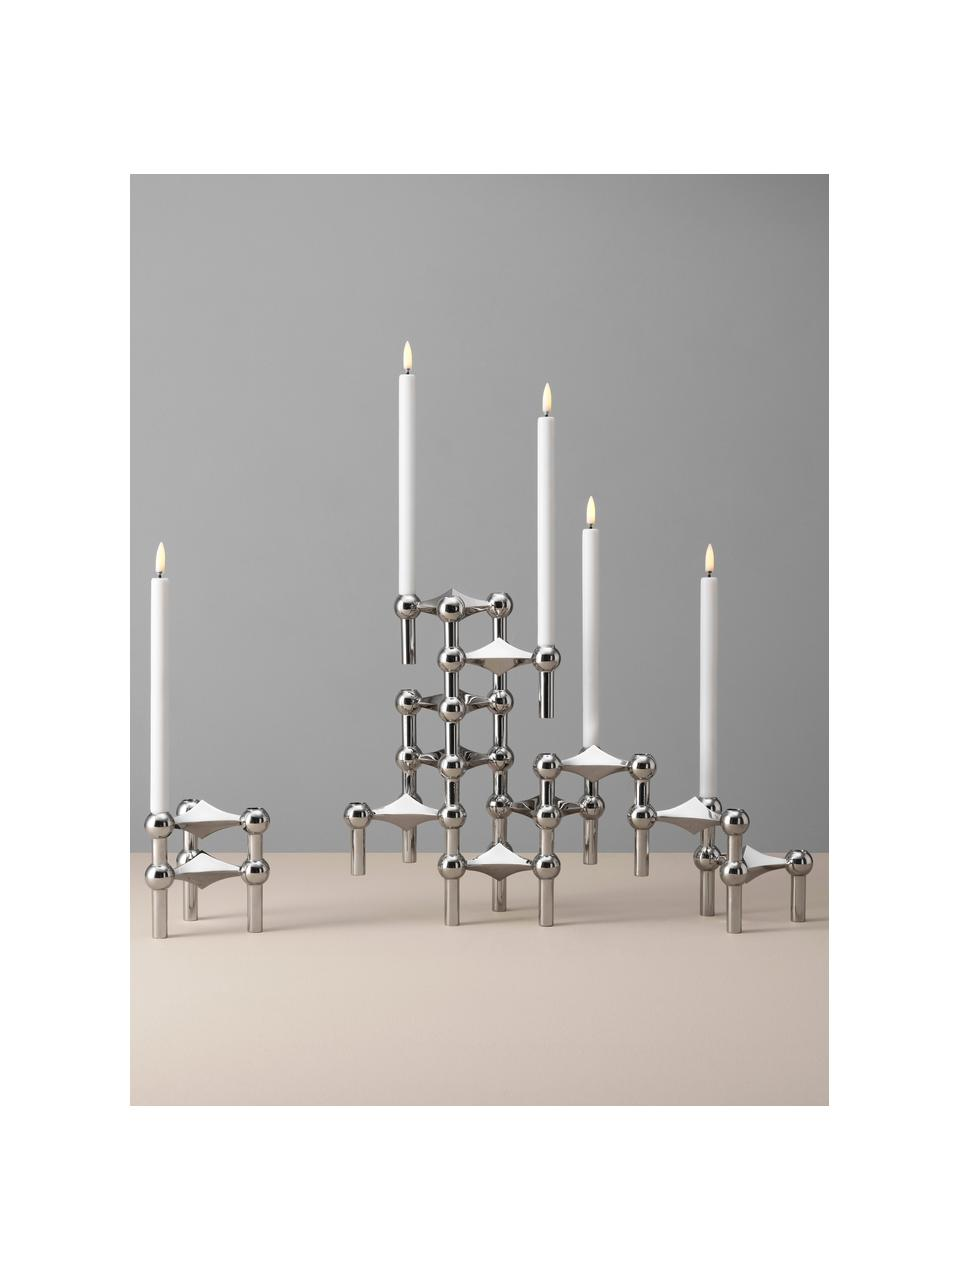 Kerzenhalter Stoff Nagel, 3-er Set, Metall, beschichtet, Silberfarben, Ø 10 x H 7 cm